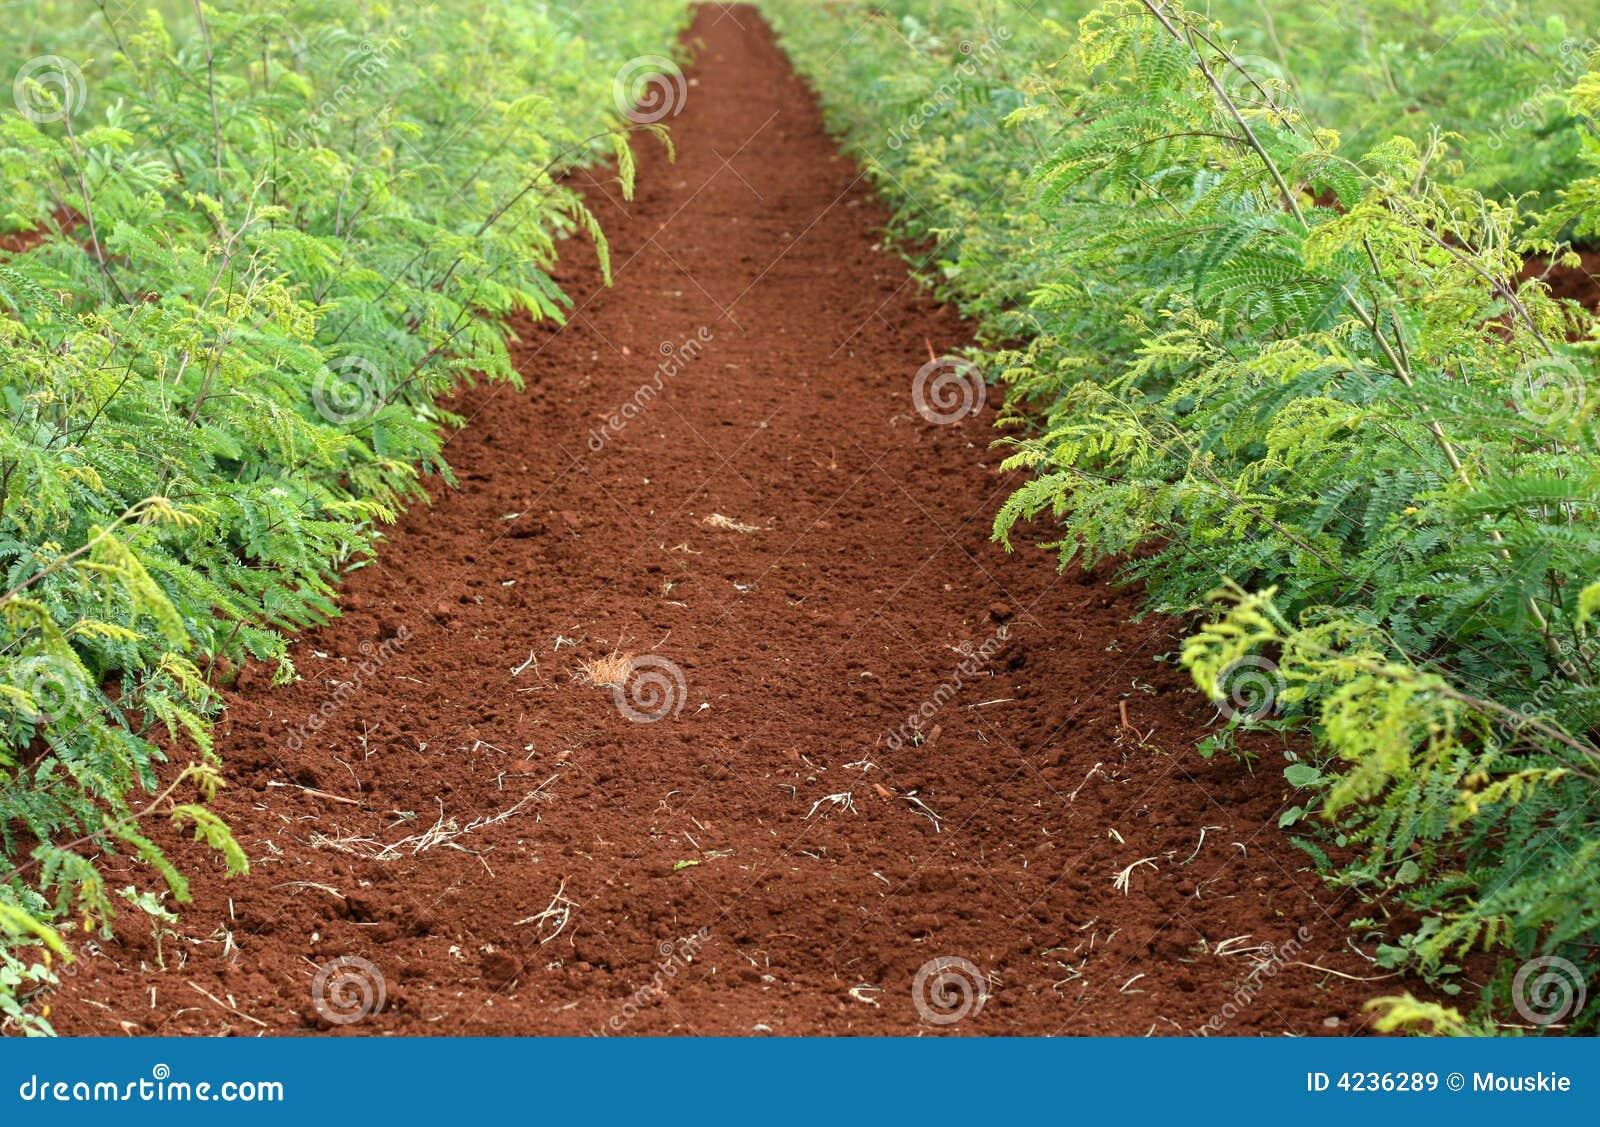 Soil & Plants